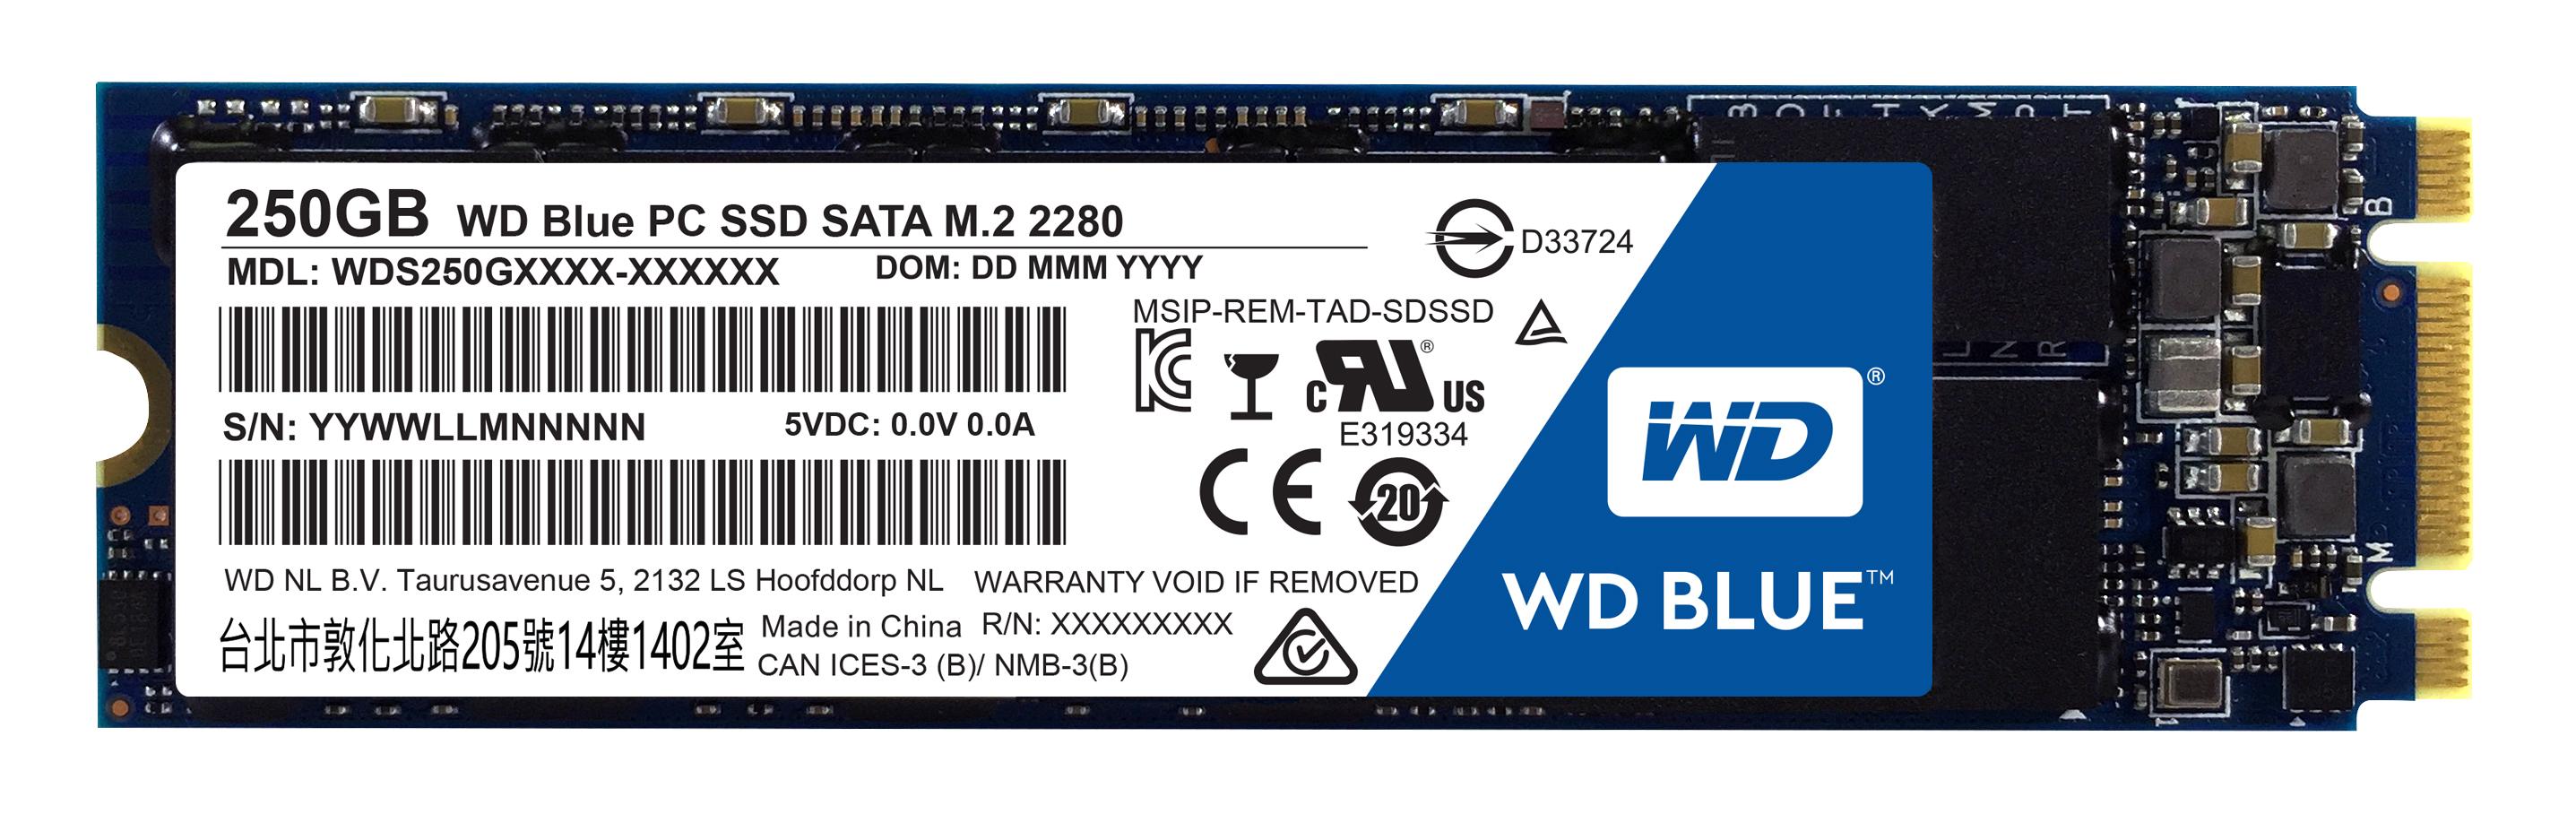 WD Blue SSD M.2 SATA 250GB SATA/600